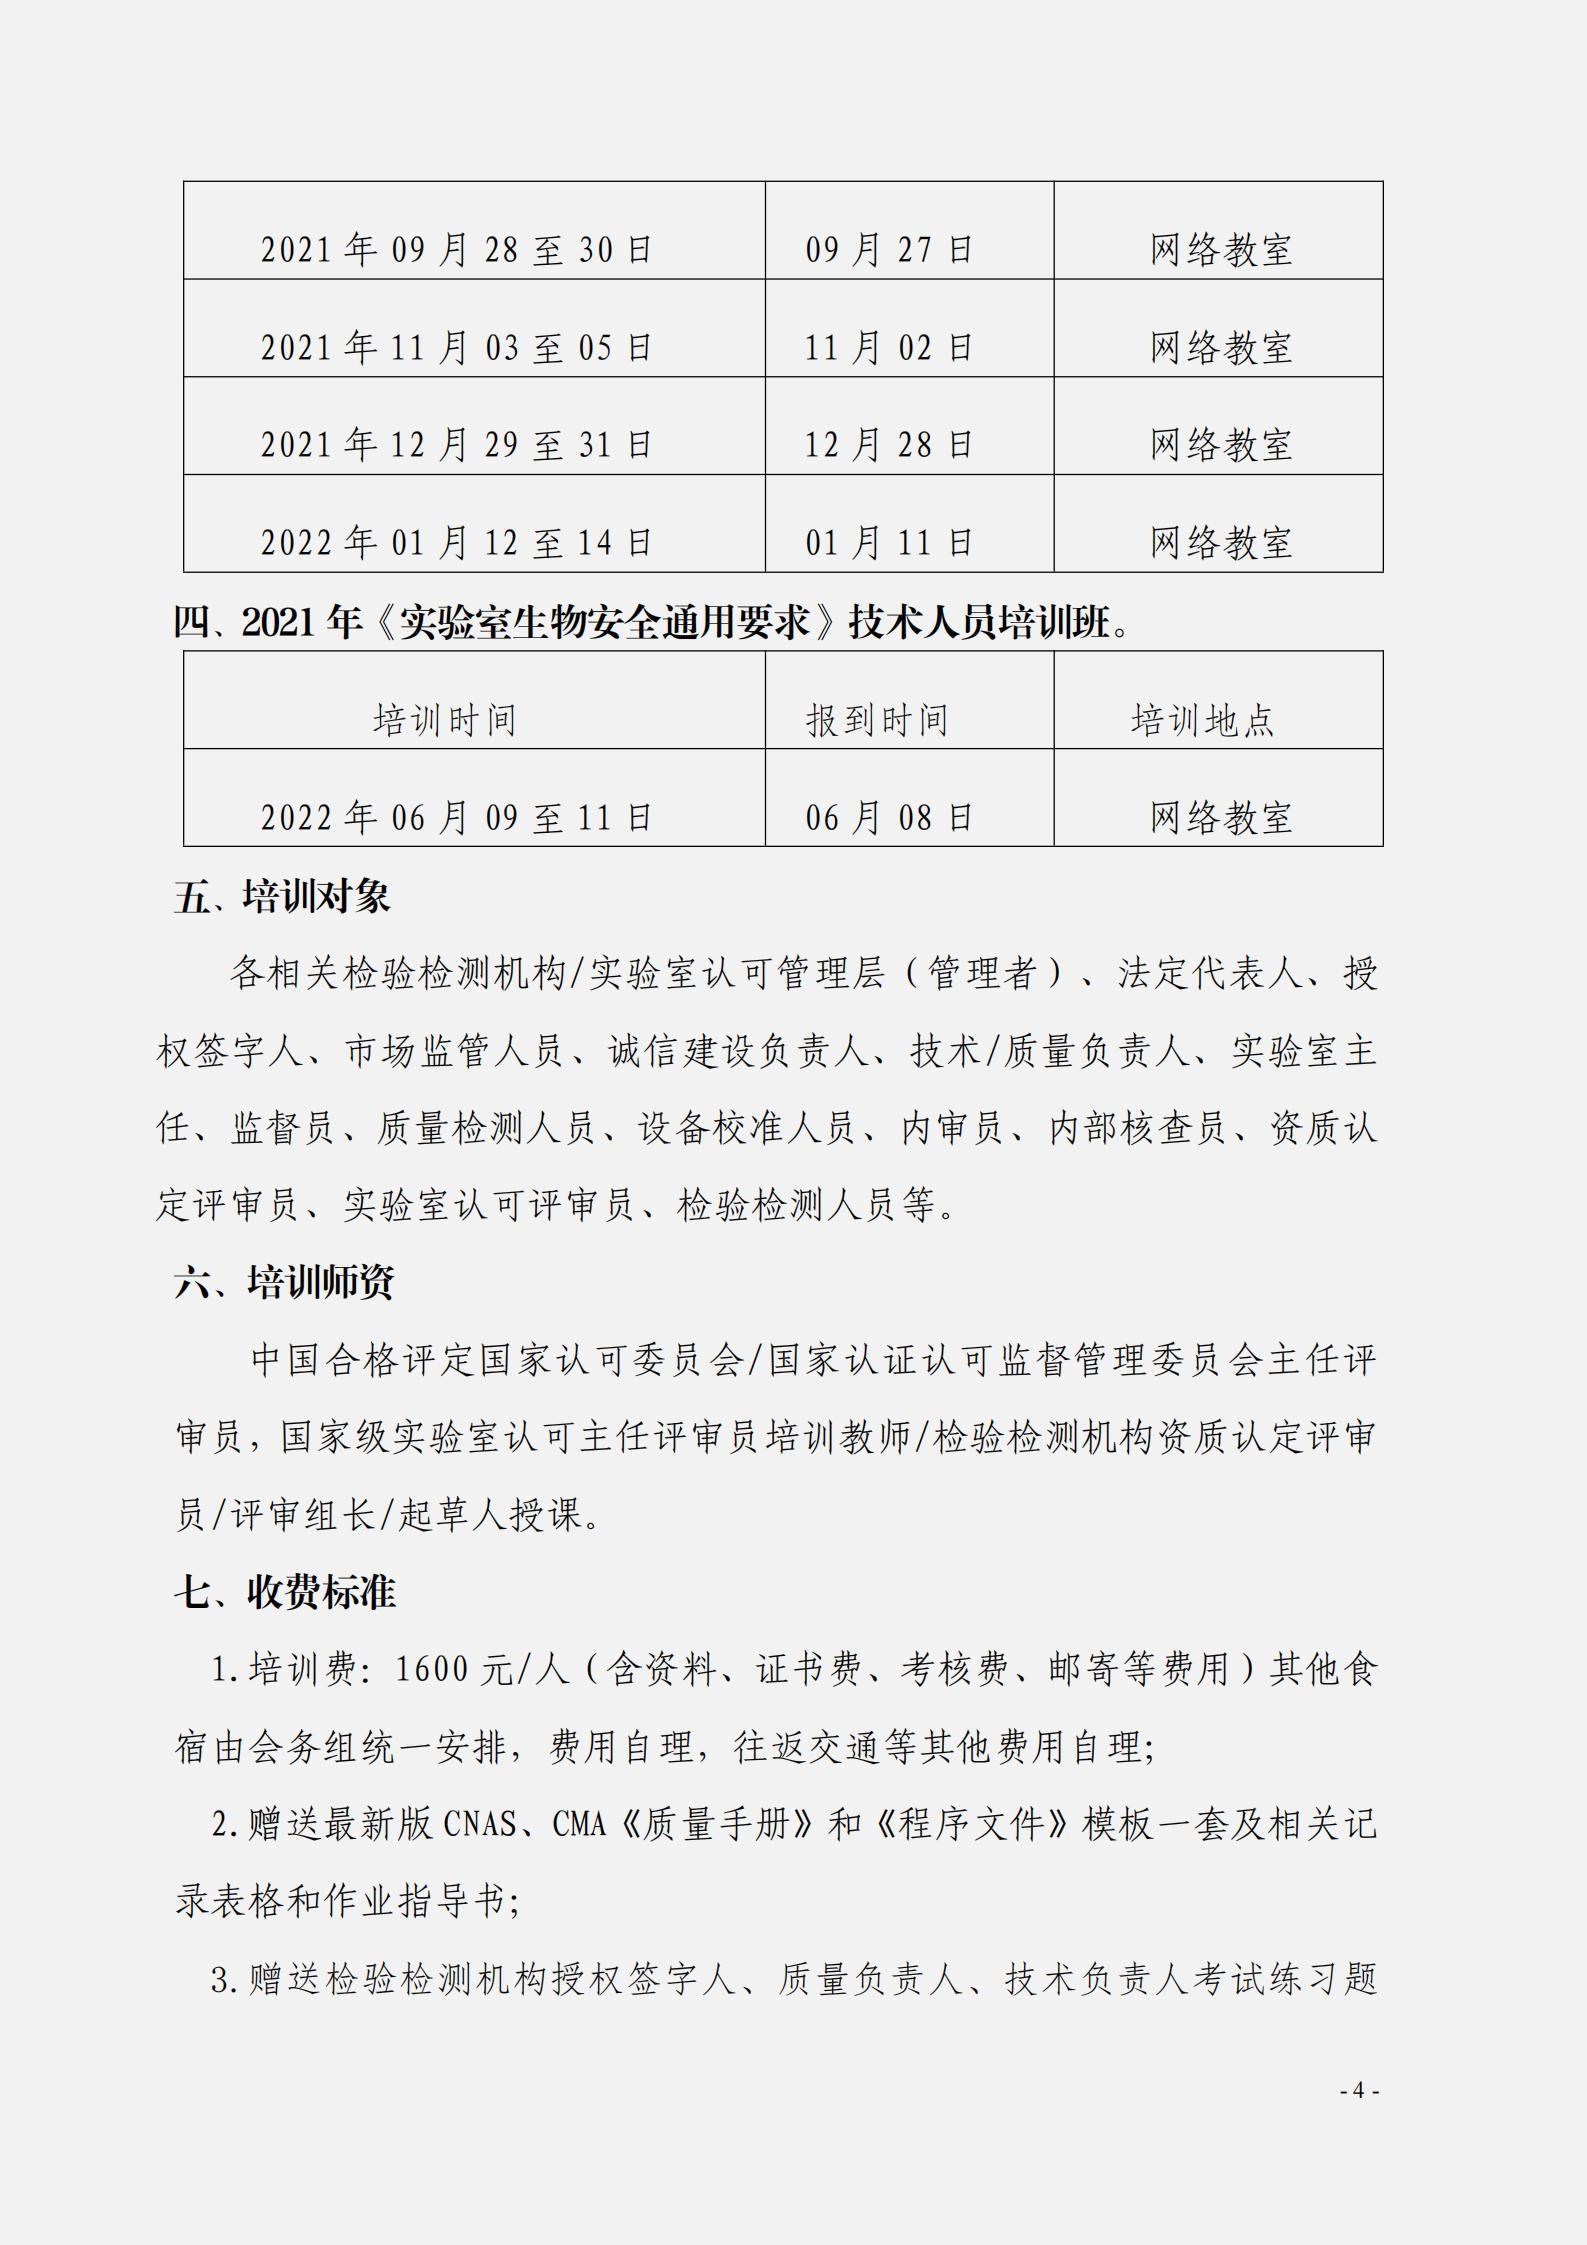 2021年6-8月份现场解读《检验检测机构资质认定管理办法》163号令_03.jpg